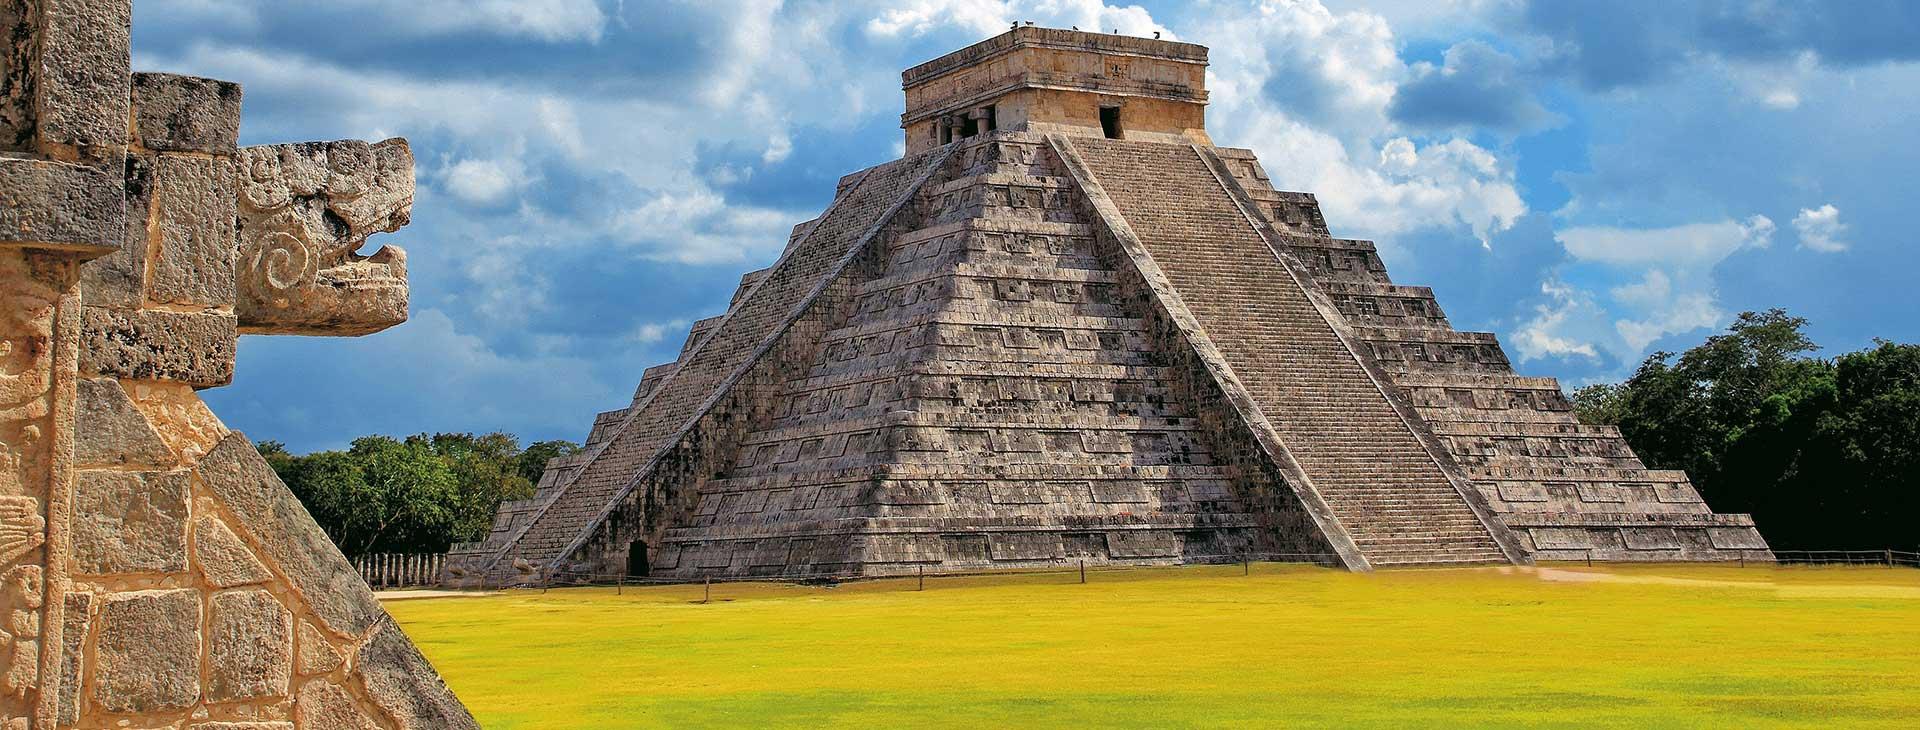 online datování mexiko df online datování v newcastle upon tyne